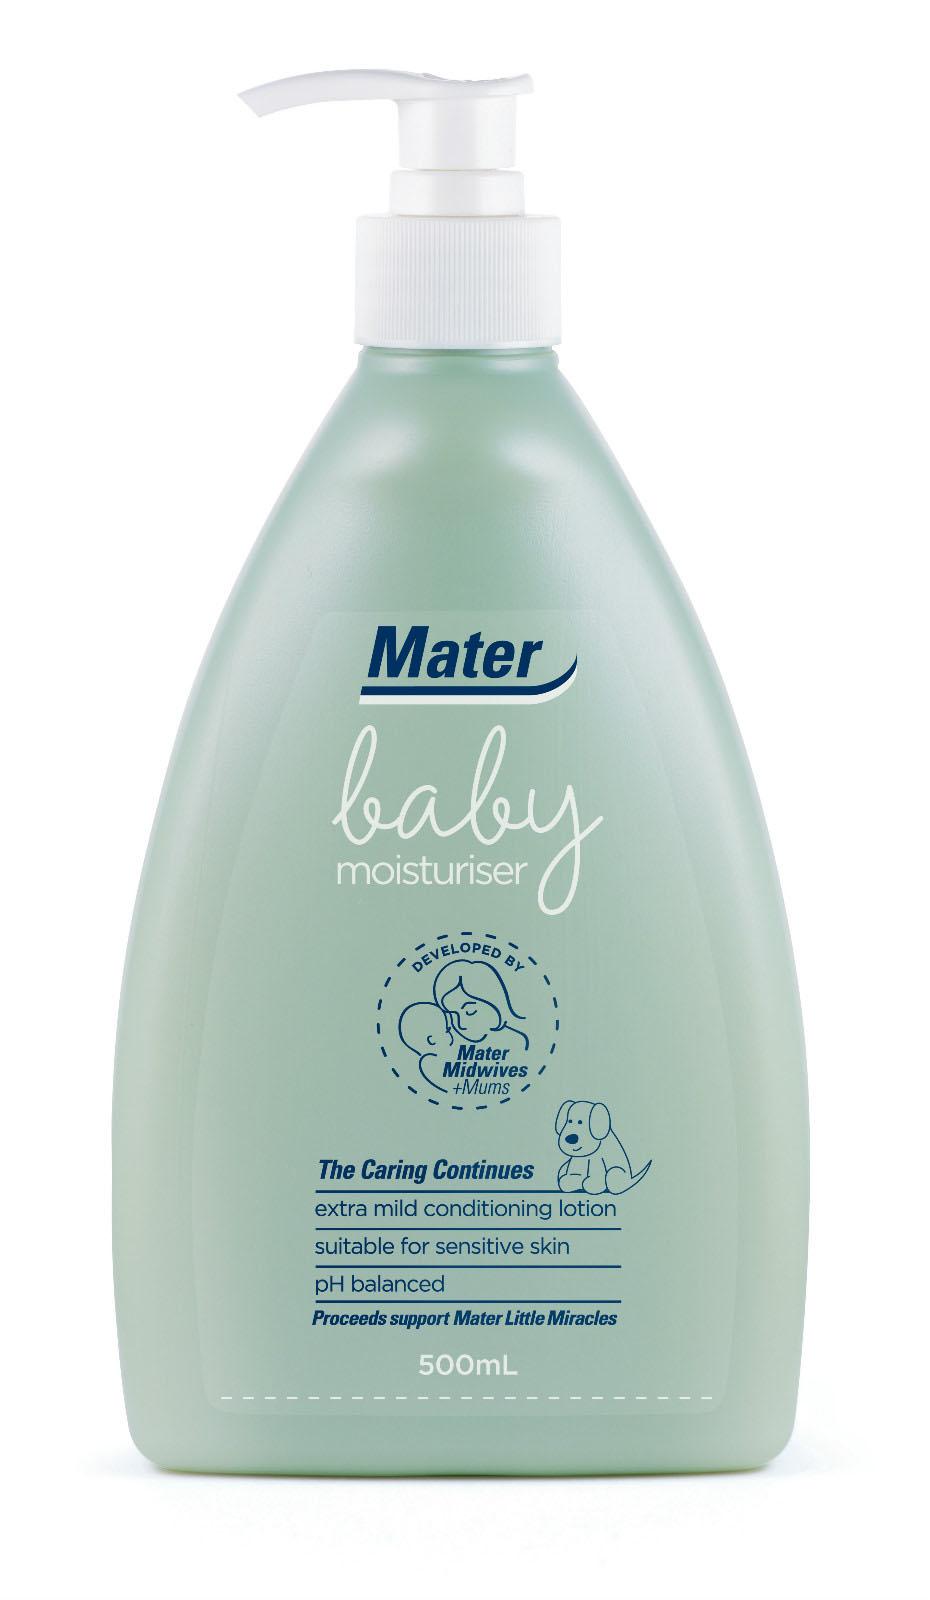 婴儿保湿霜,适合敏感肌肤